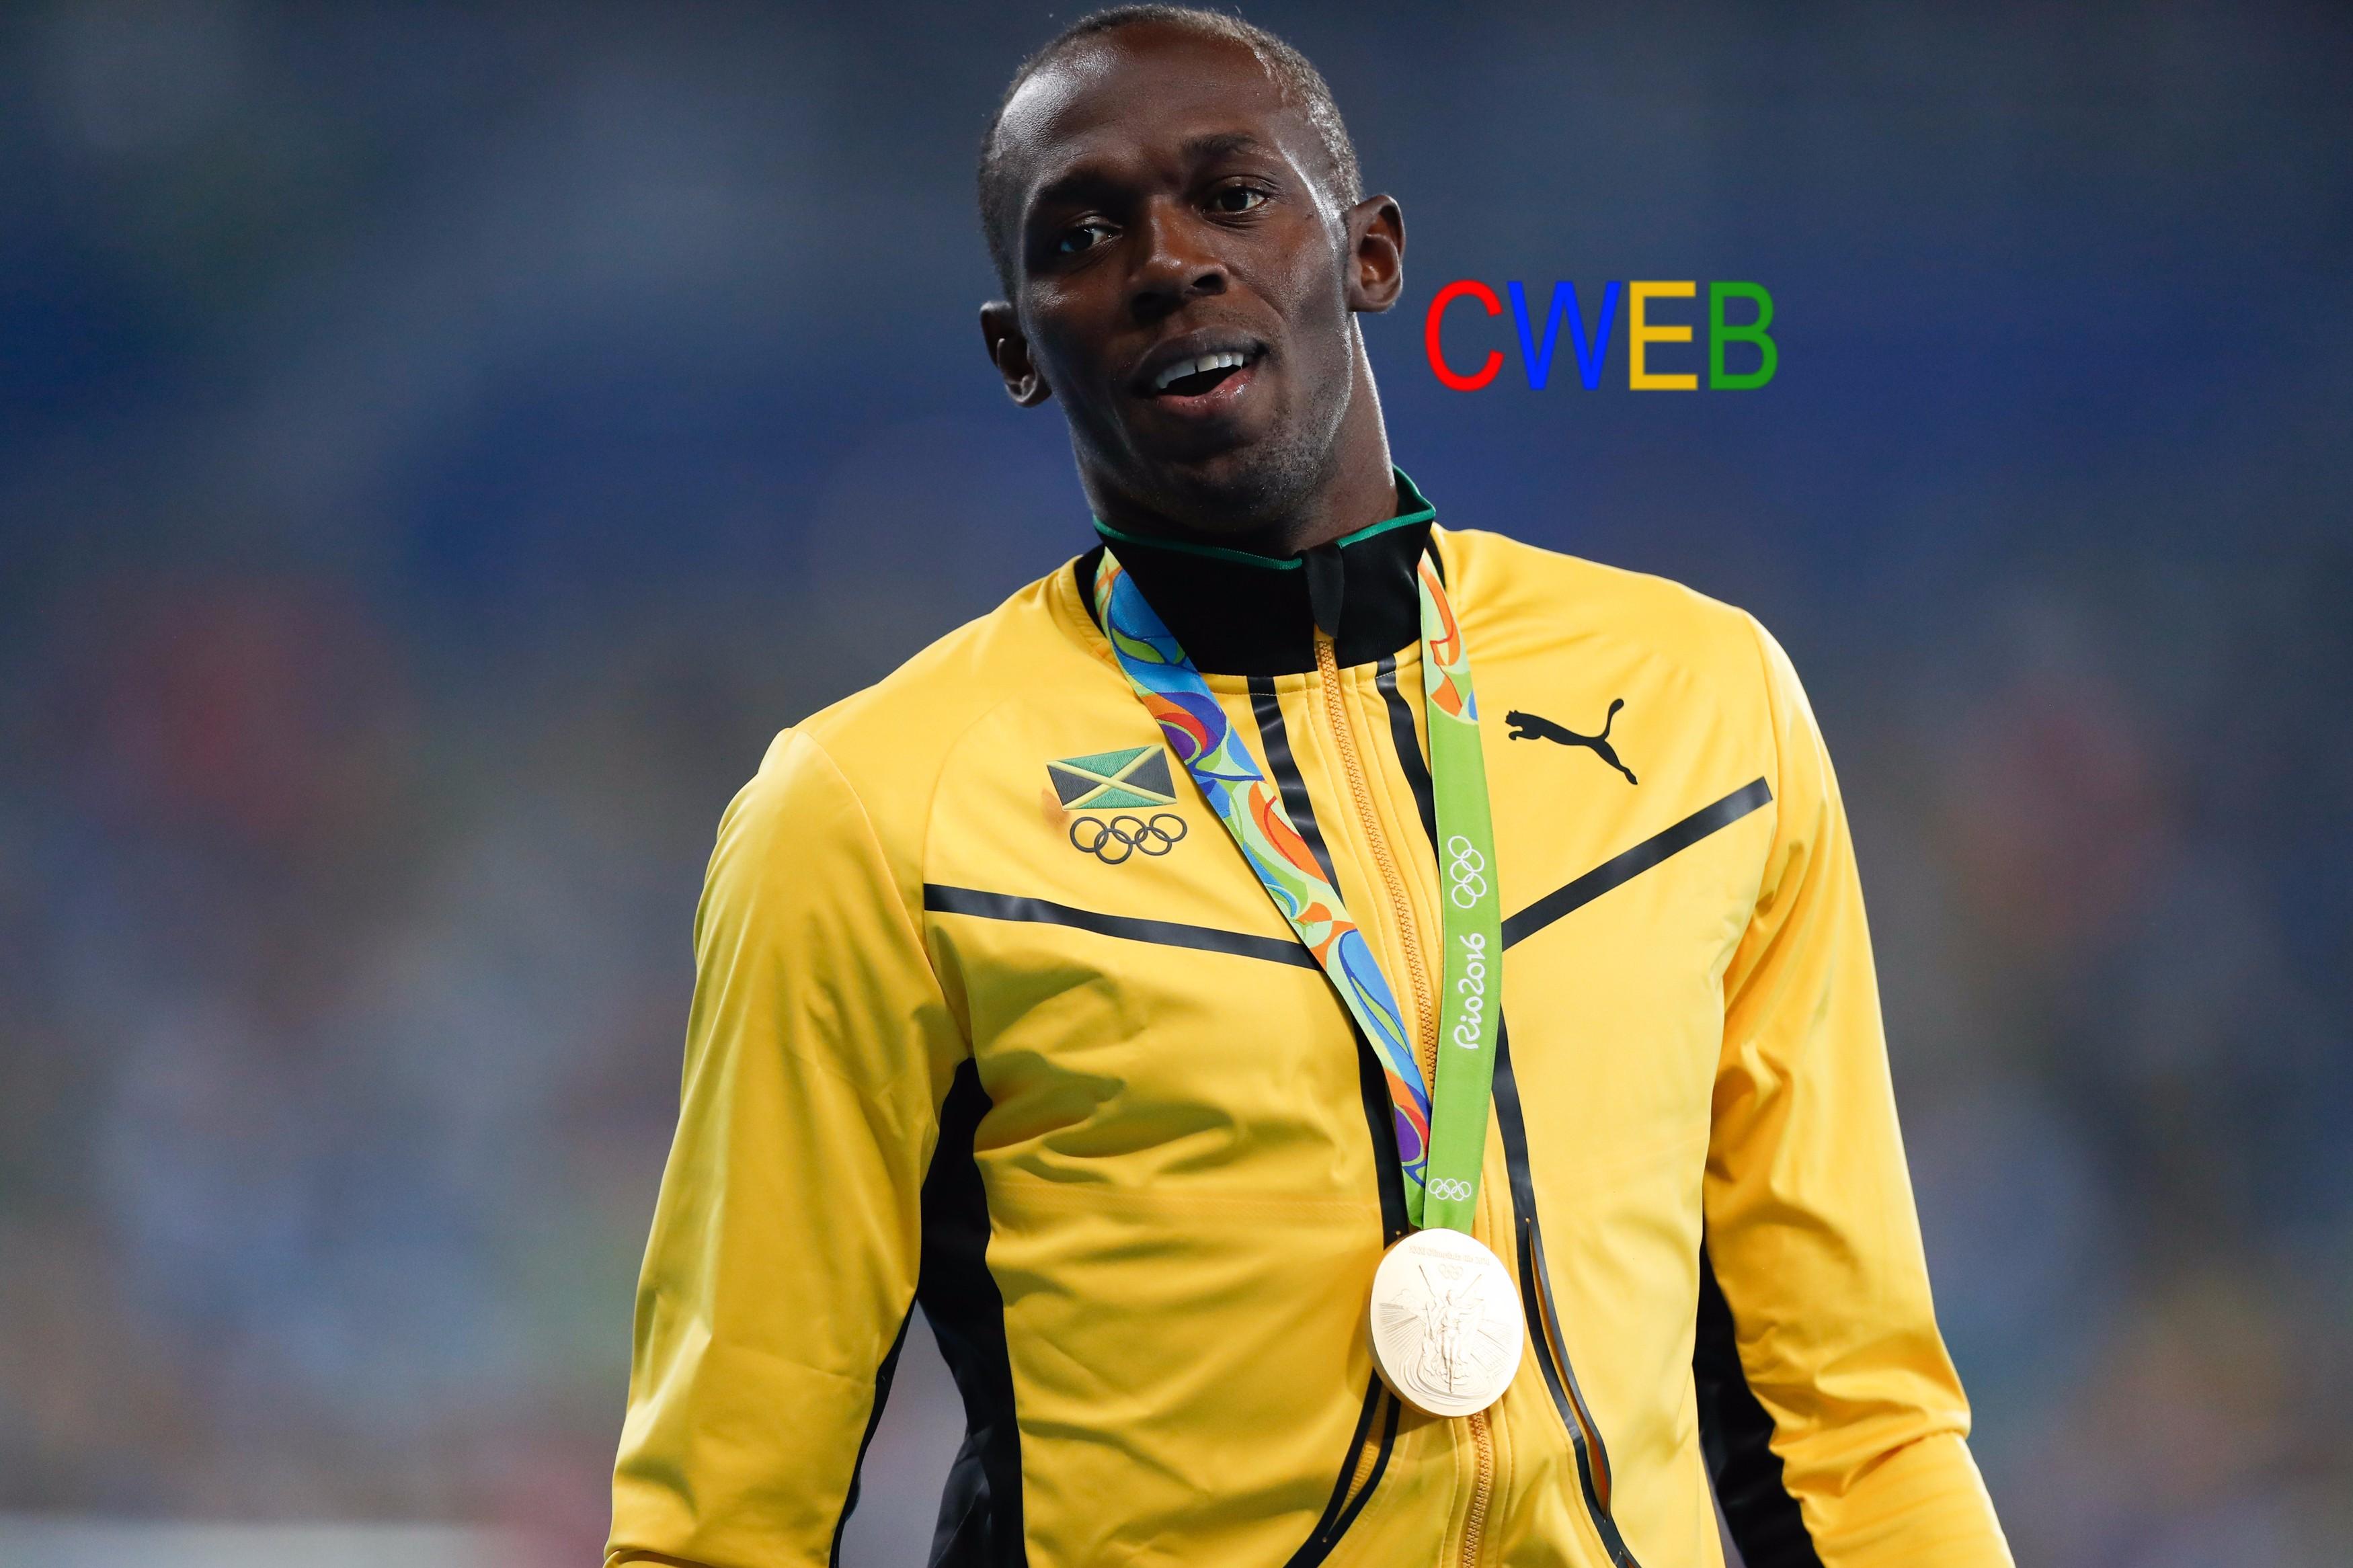 Bolt_se_aposenta_com_medalha_de_ouro_no_4_x_100_metros_1039118-19.08.2016_frz-9565.jpg